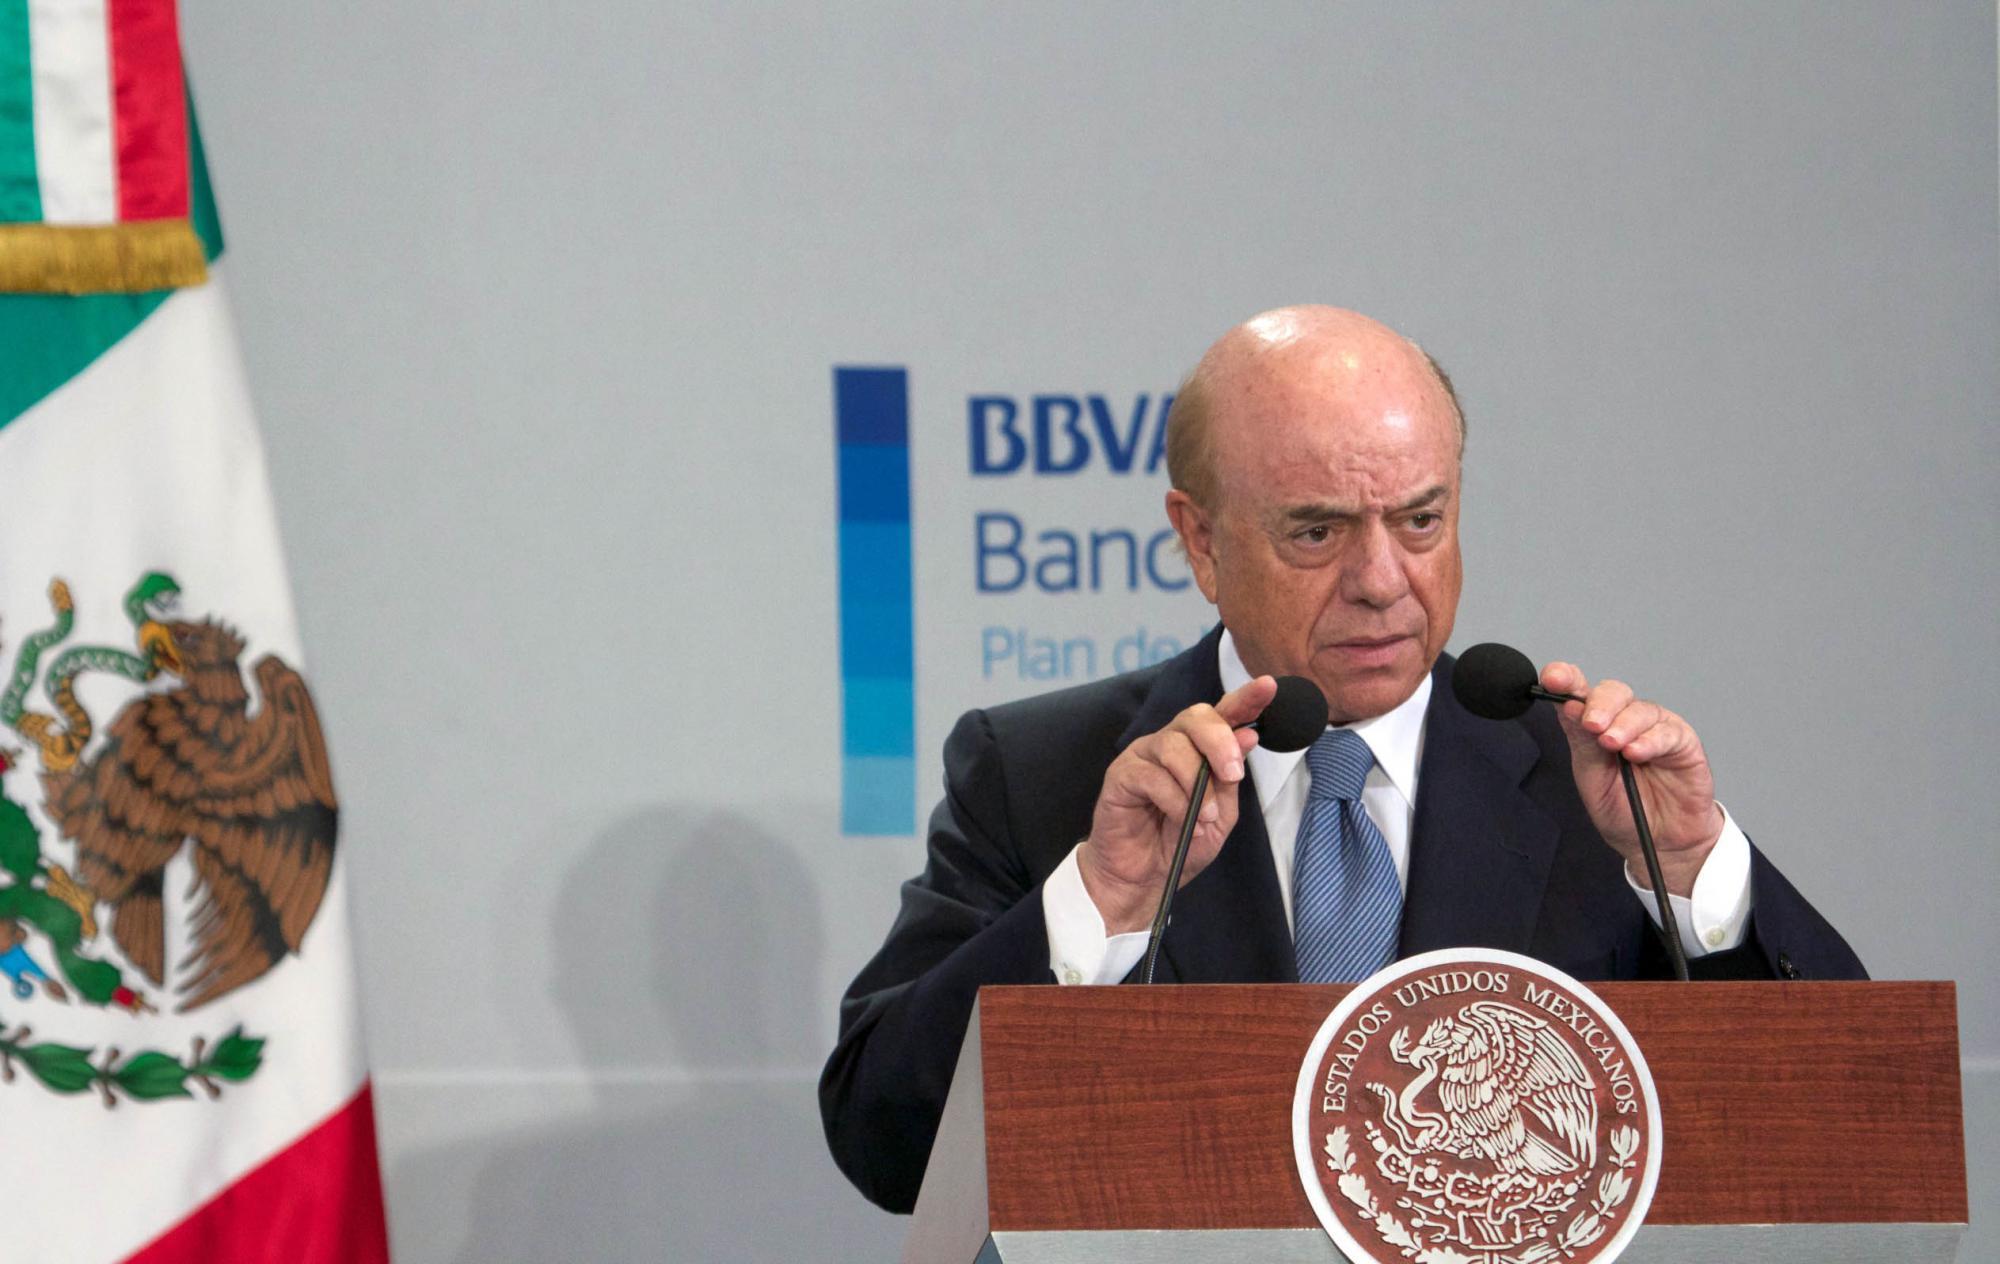 Flickr: Presidencia de la República Mexicana